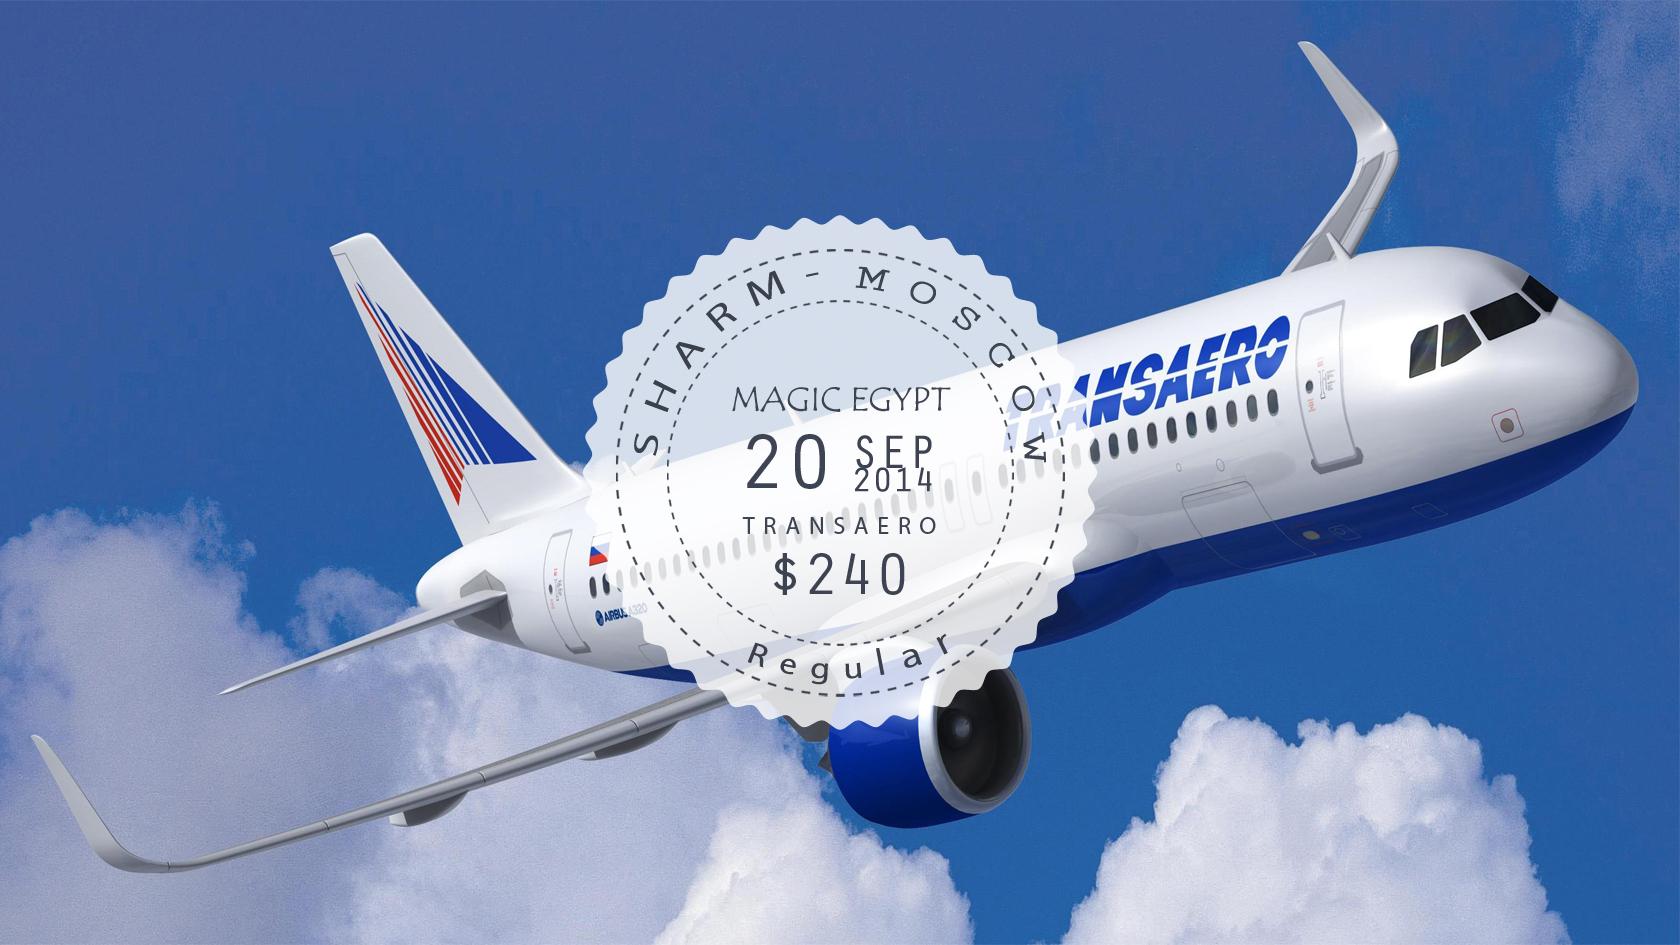 AVAILABLE REGULAR FLIGHTS: